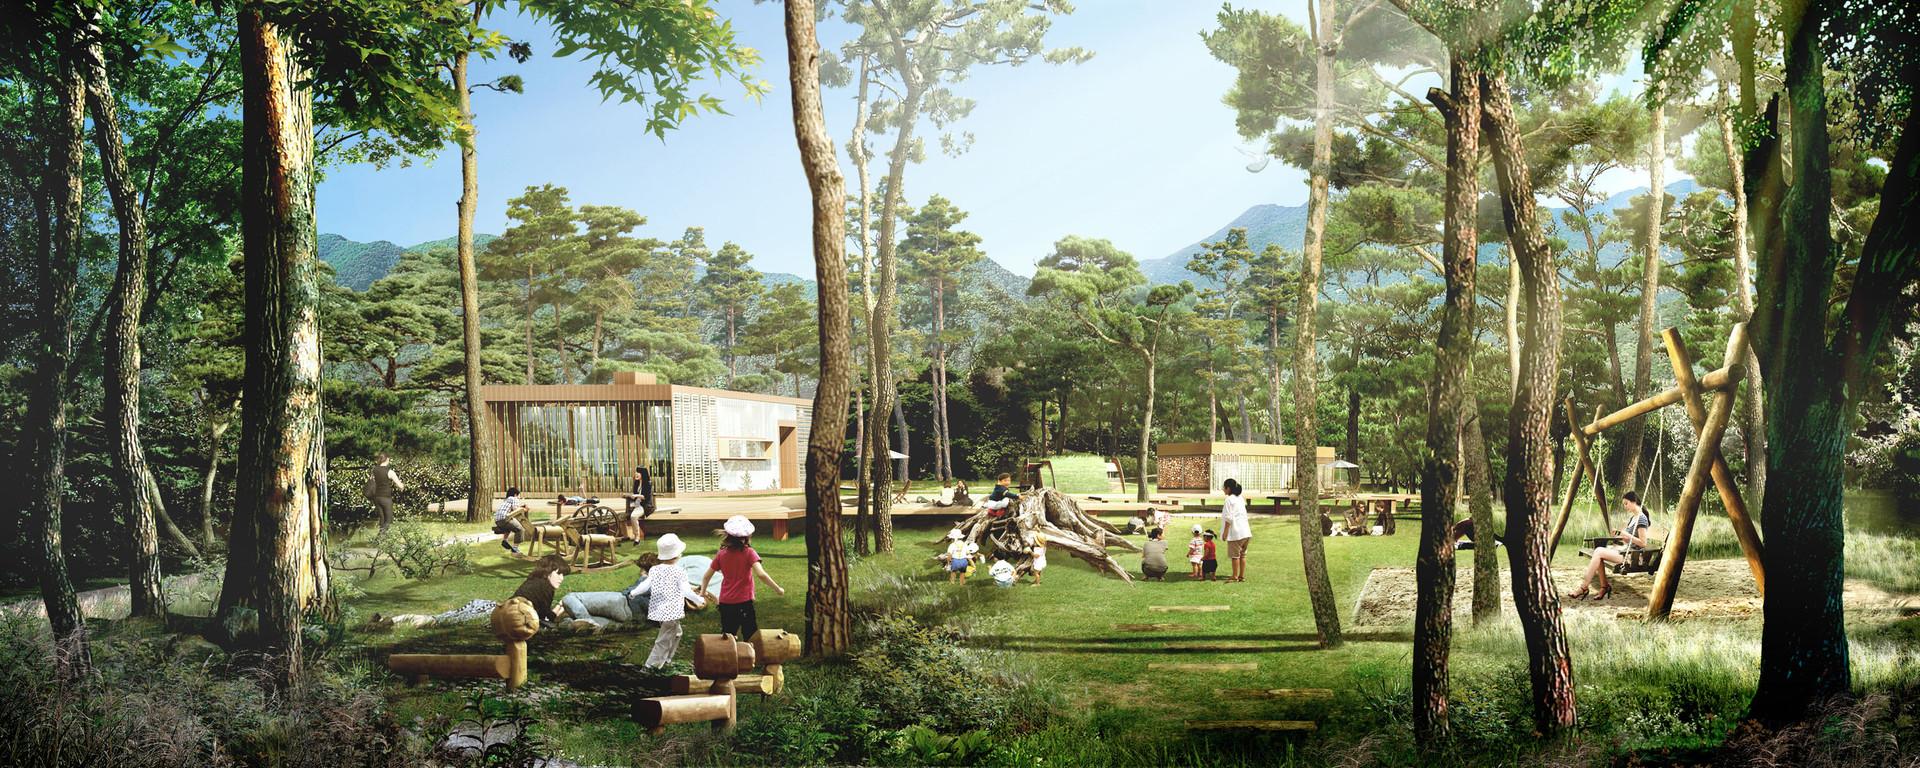 연지근린공원 소생태계 조성사업 현상공모 2.jpg